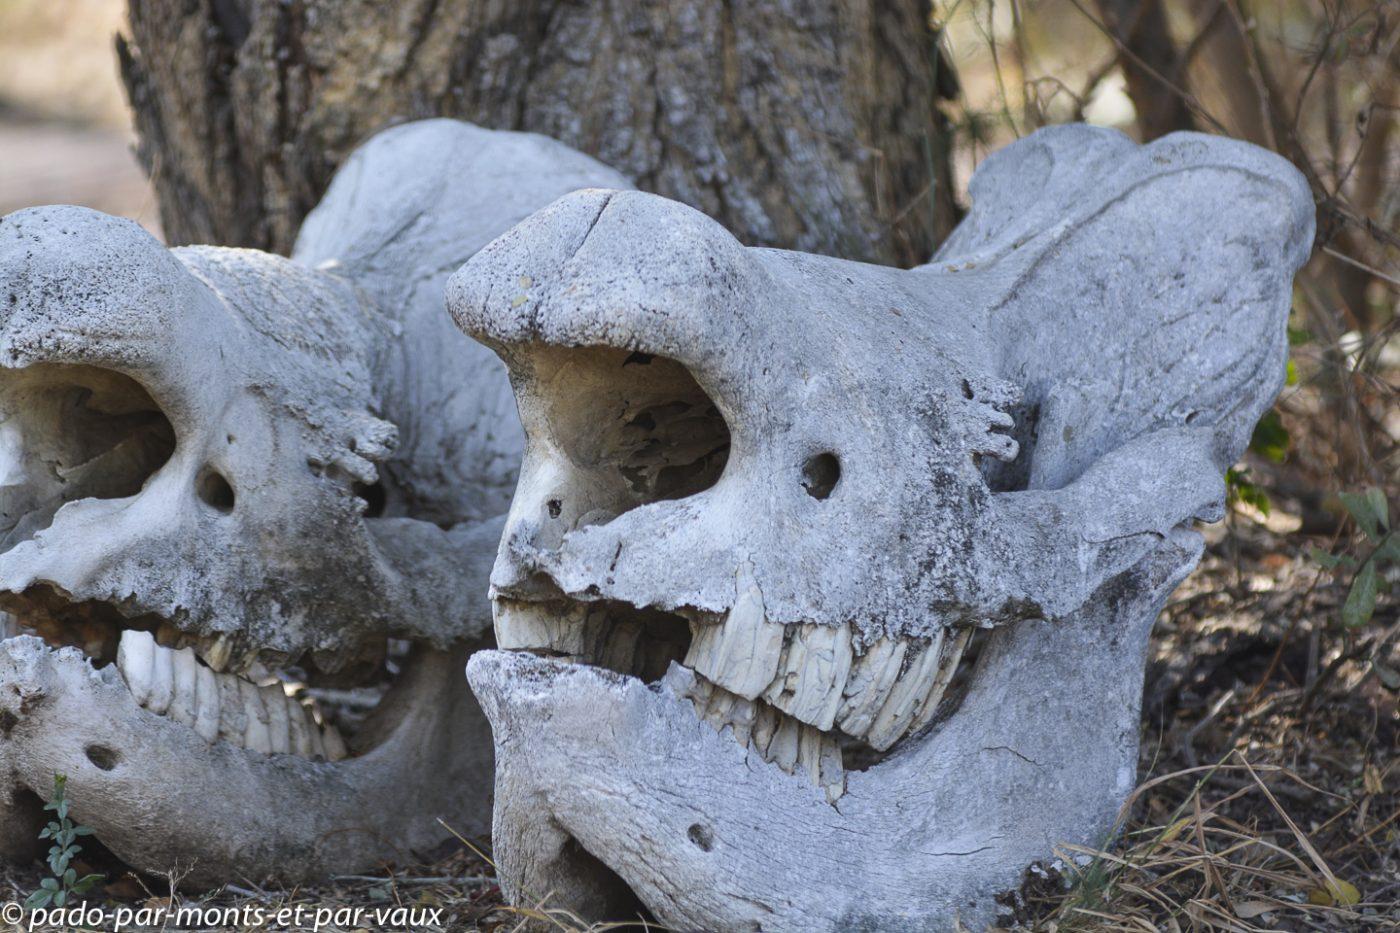 Crânes de rhinocéros